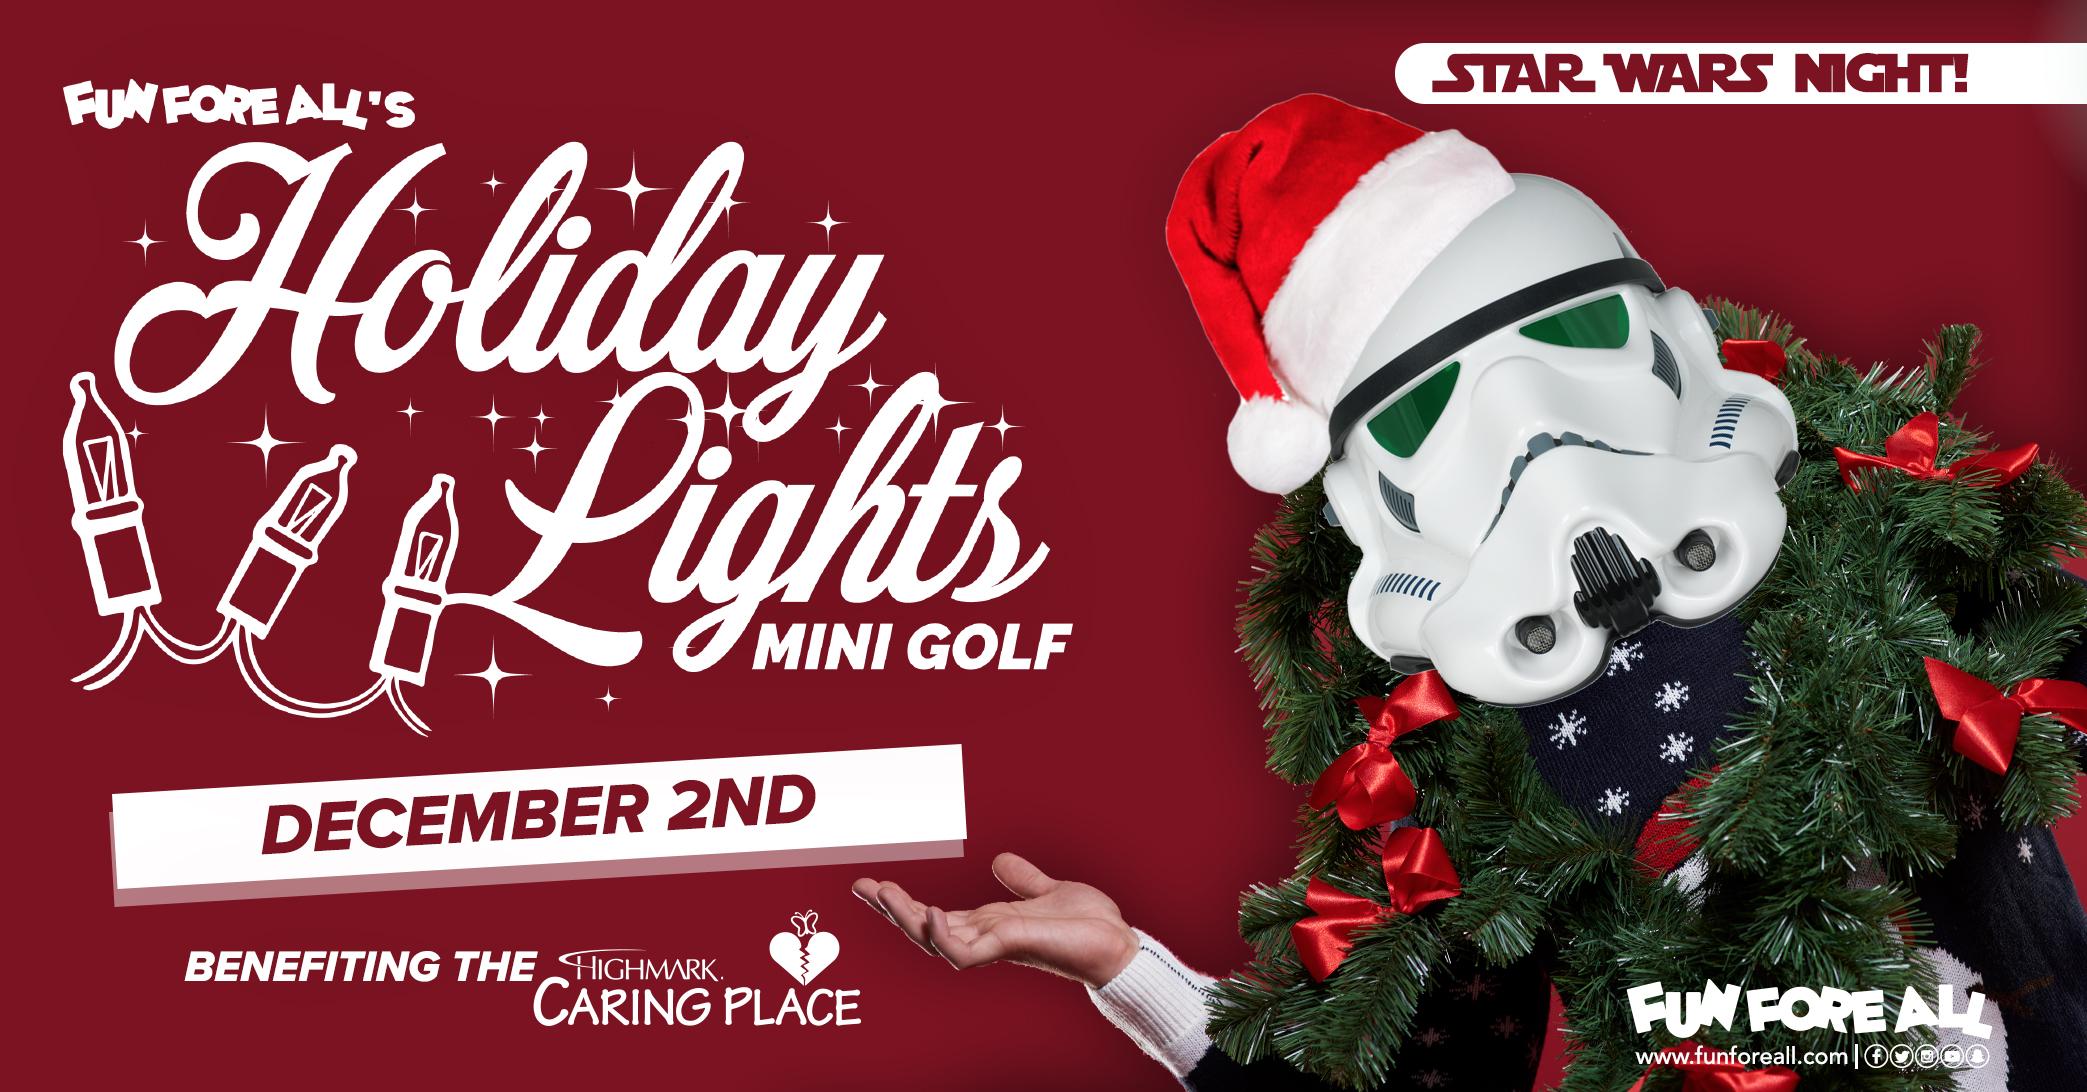 Facebook Invite (Holiday Lights - Star Wars Night).jpg